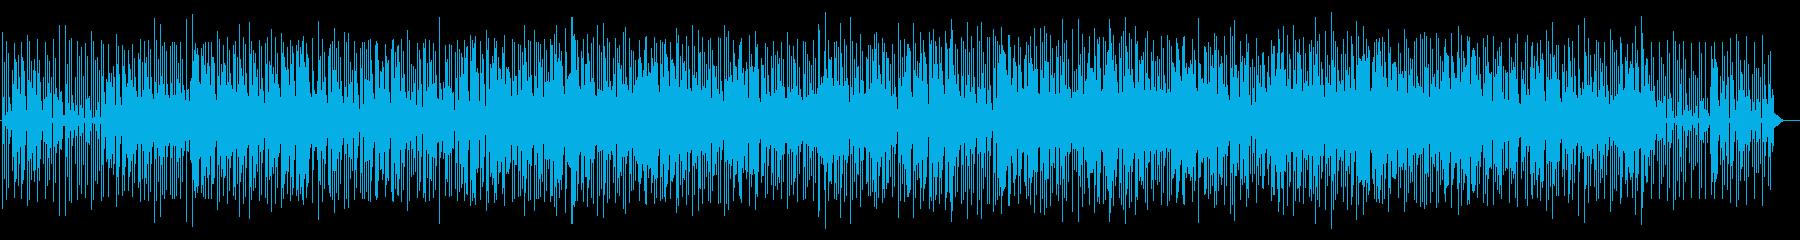 軽快でかわいらしいポップミュージックの再生済みの波形